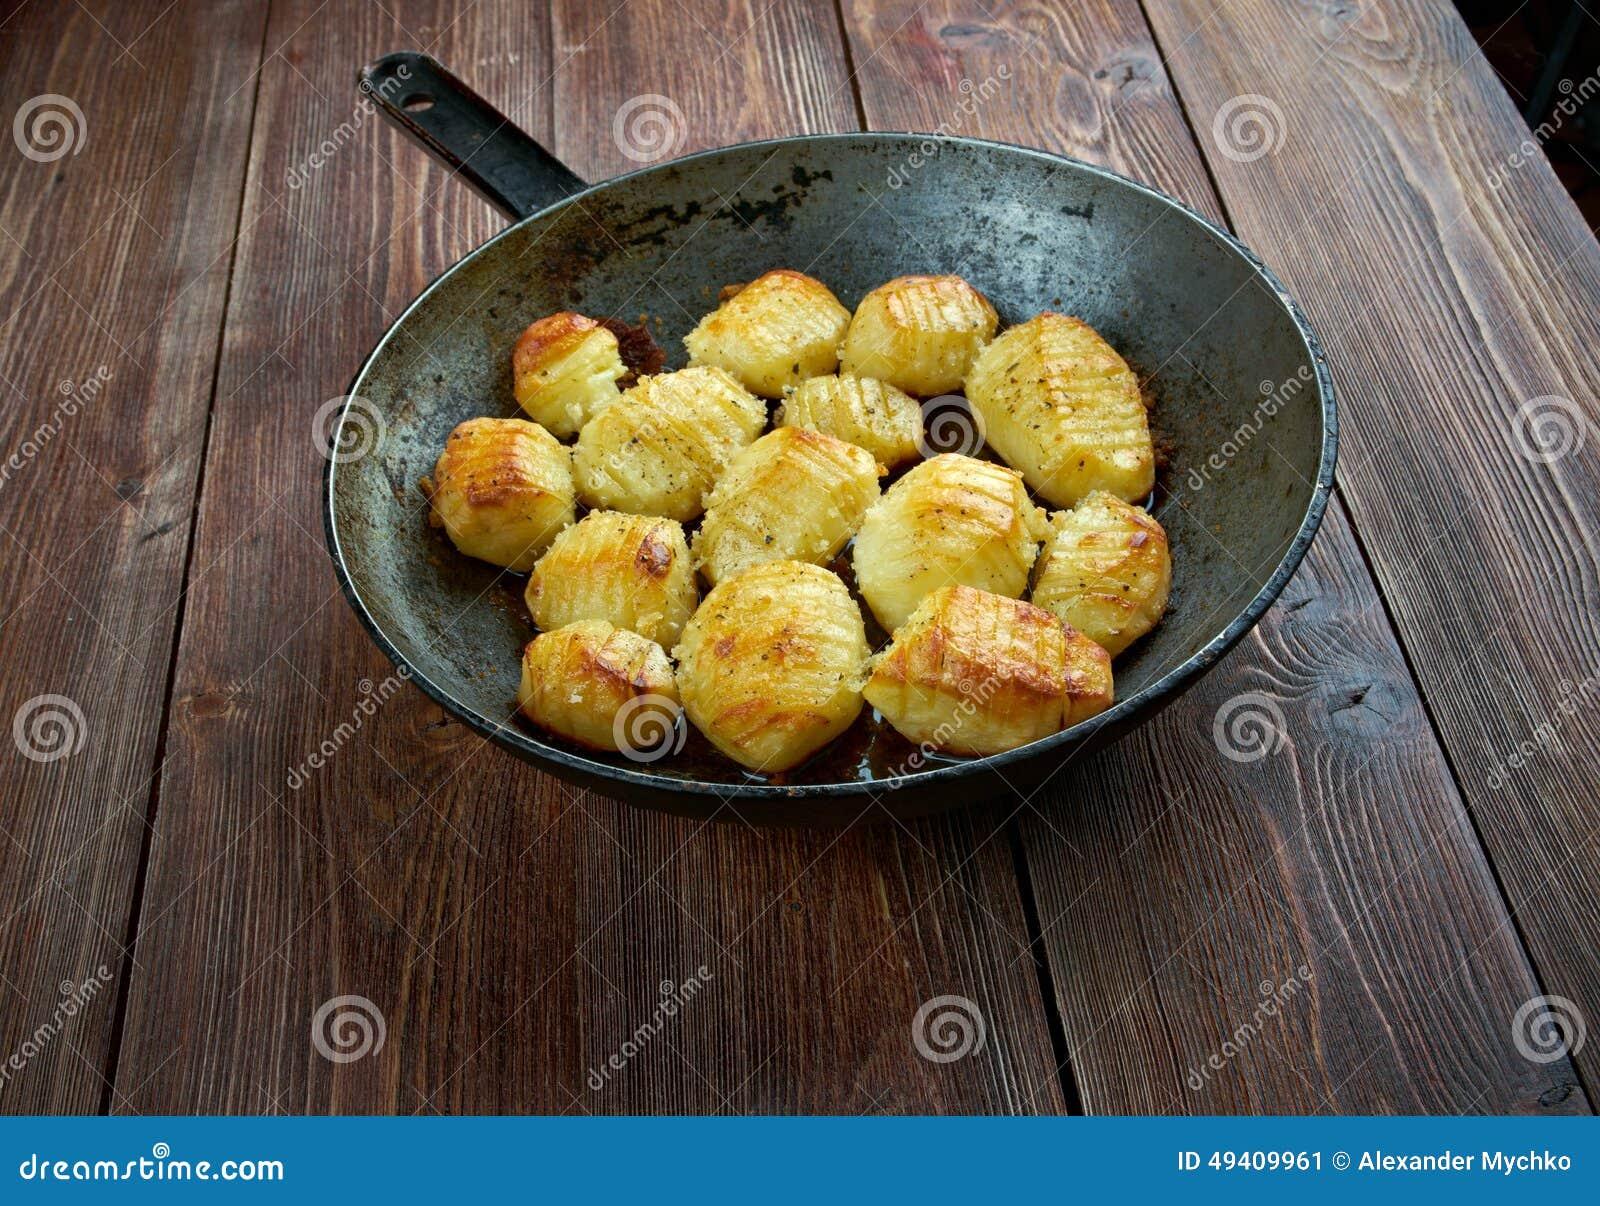 Download Hasselback-Kartoffel stockbild. Bild von schwedisch, niemand - 49409961